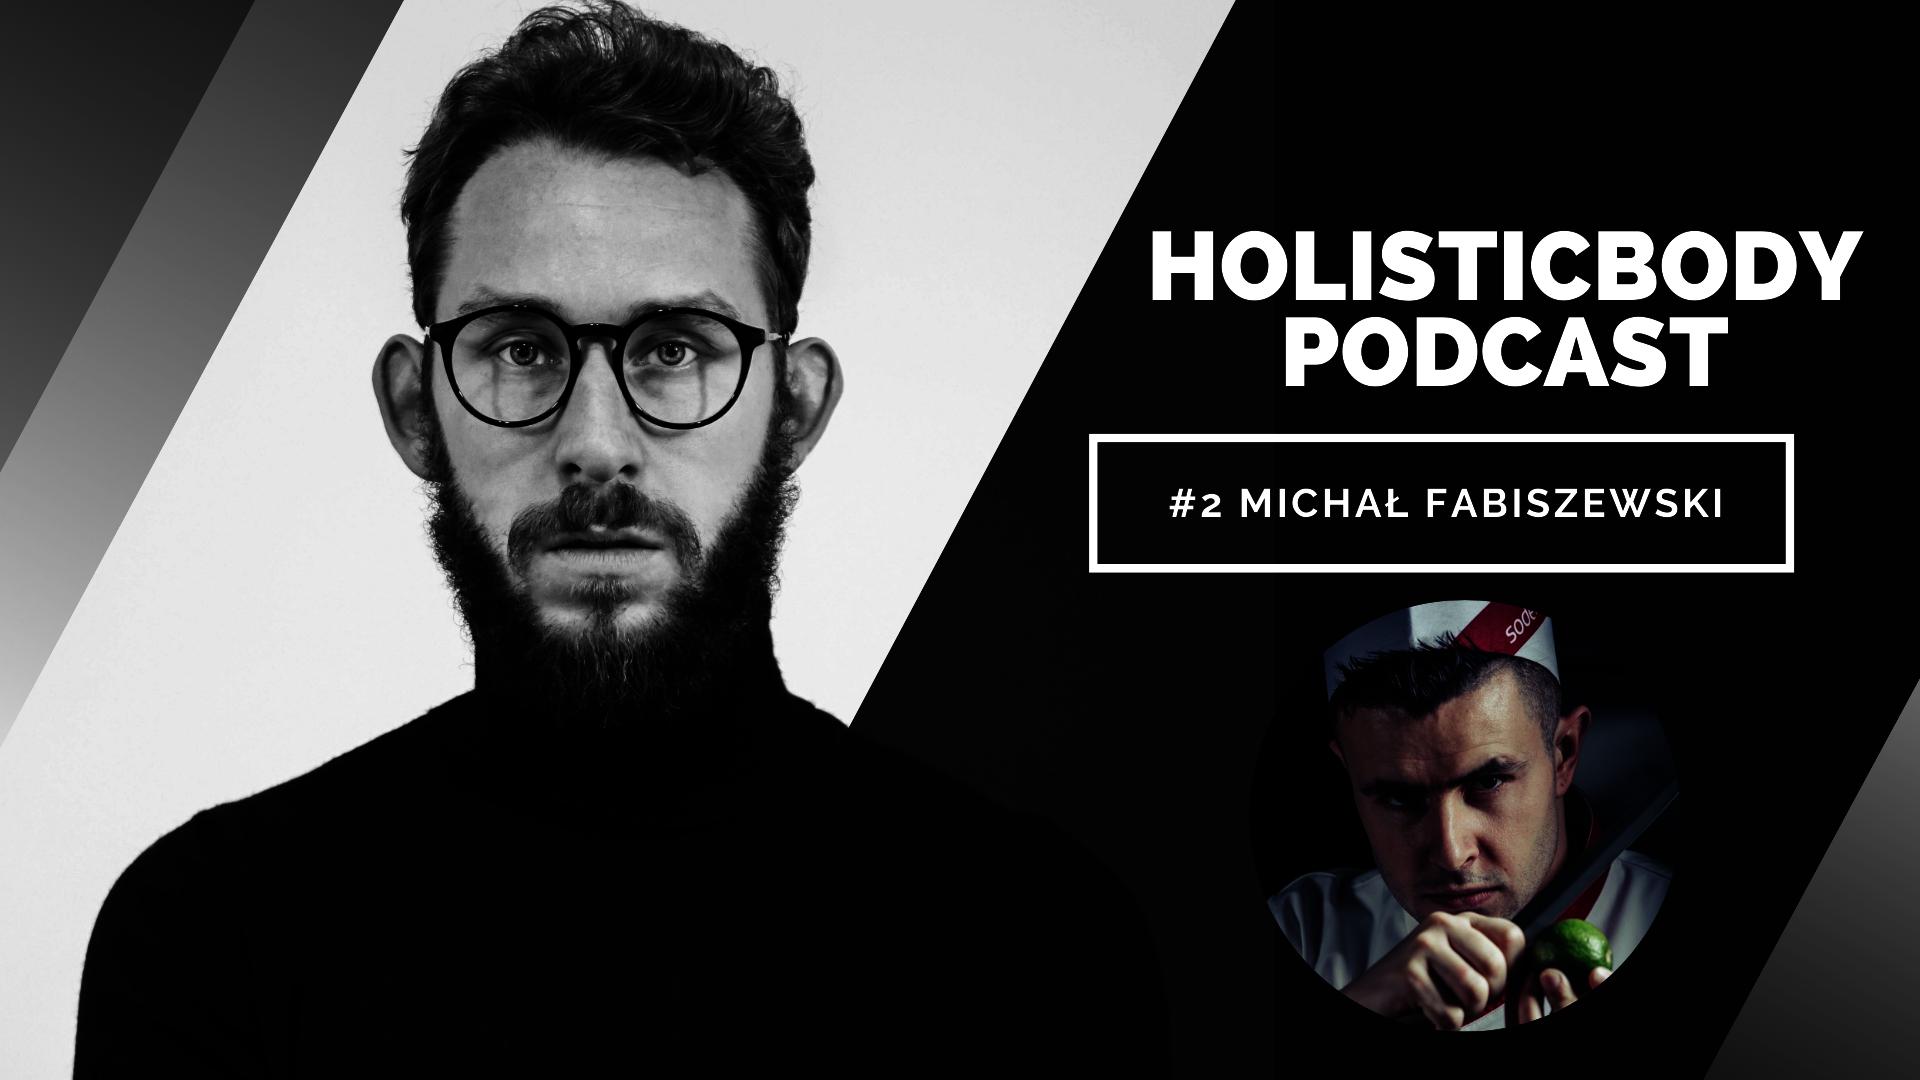 HOLISTICBODY PODCAST #2 MasterChef MICHAŁ FABISZEWSKI